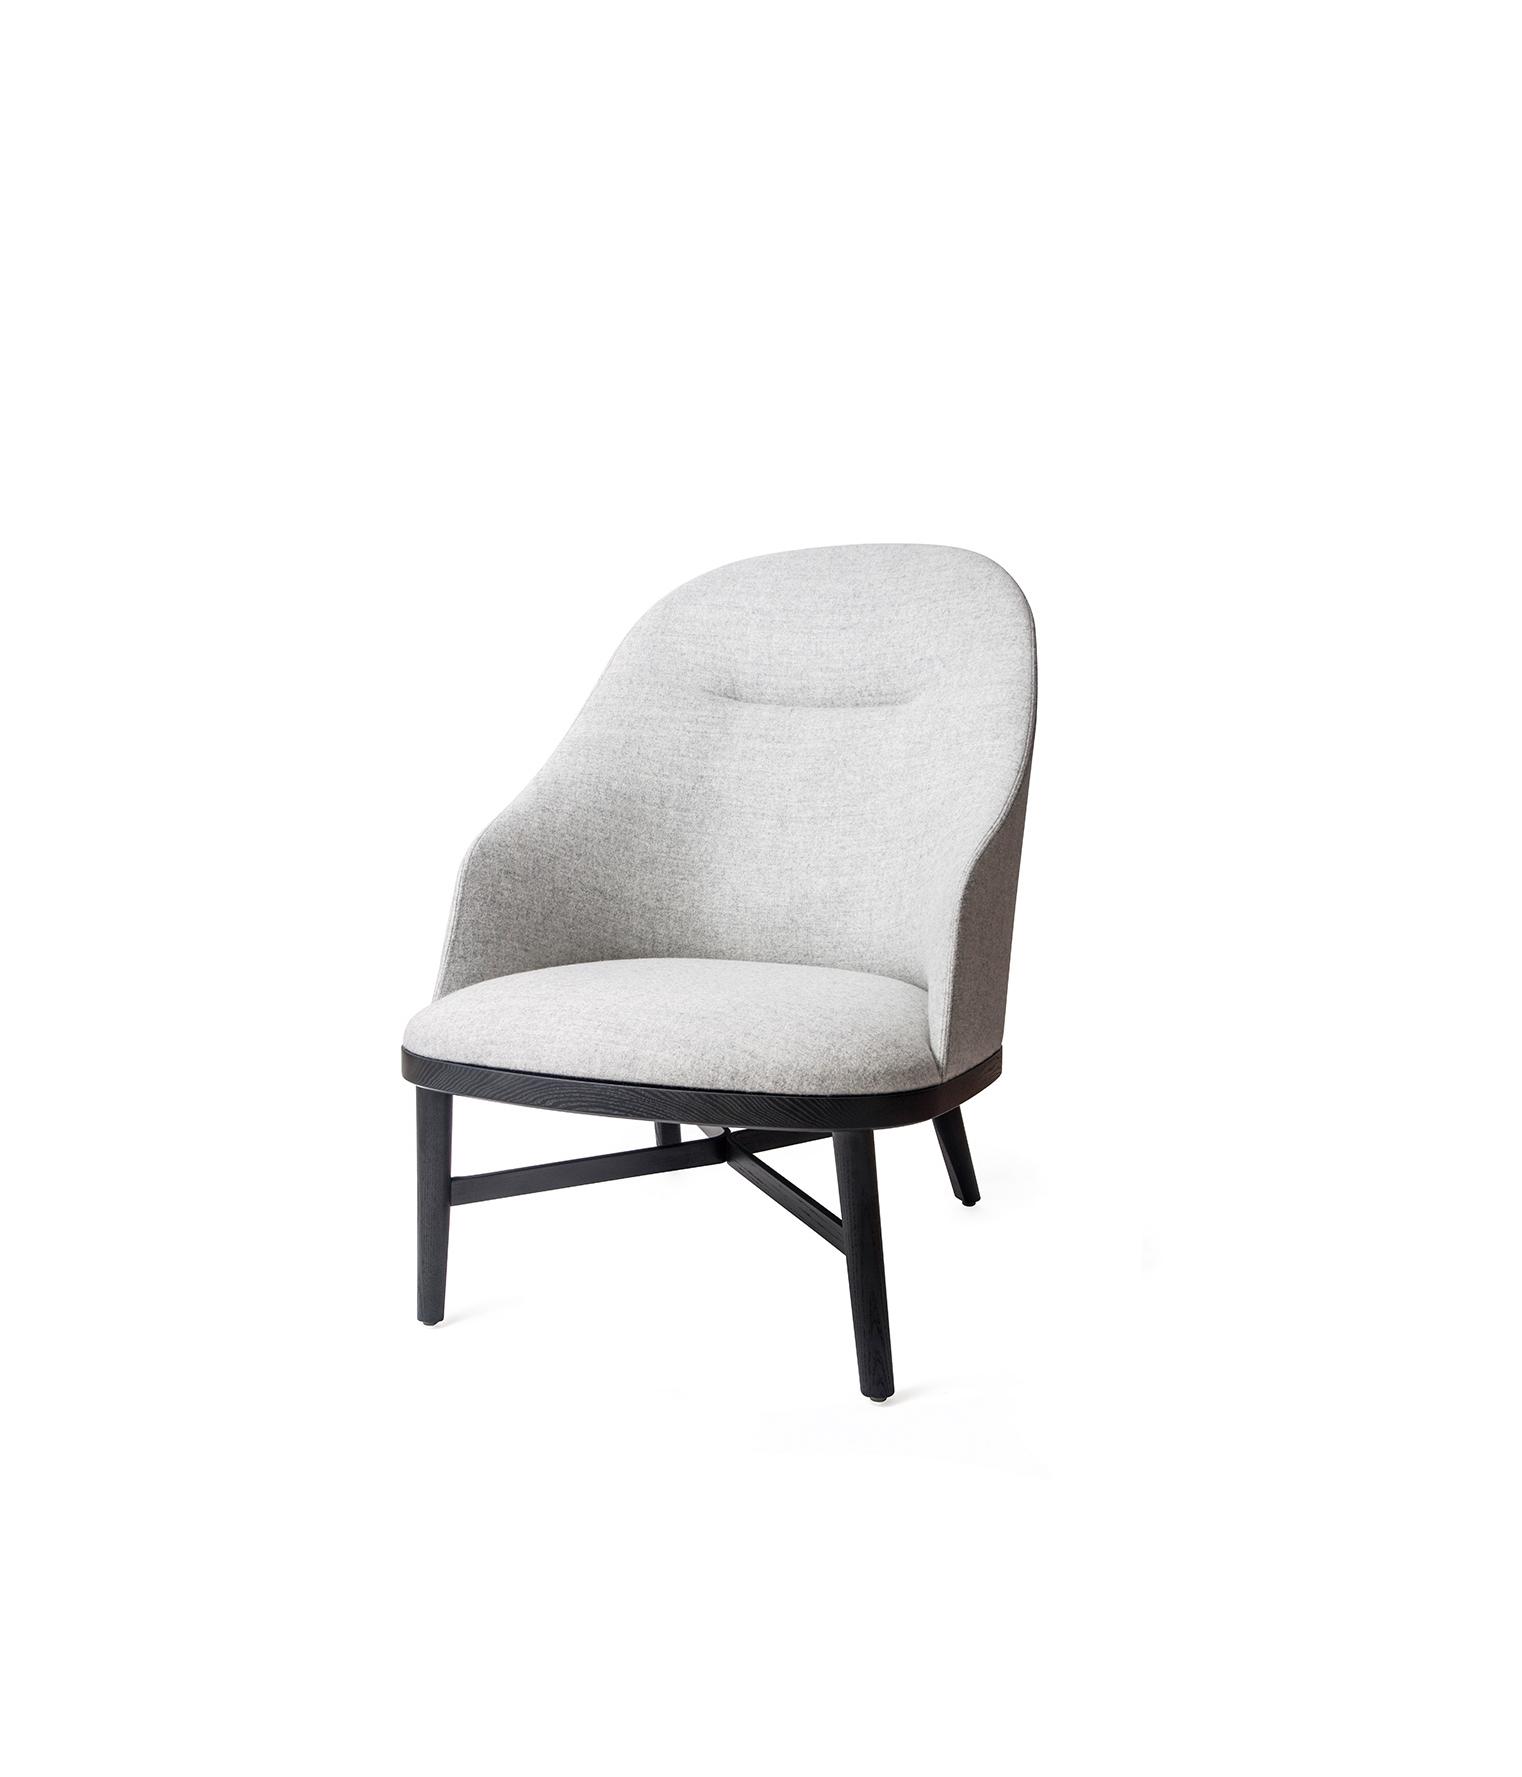 Bund - Lounge Chair